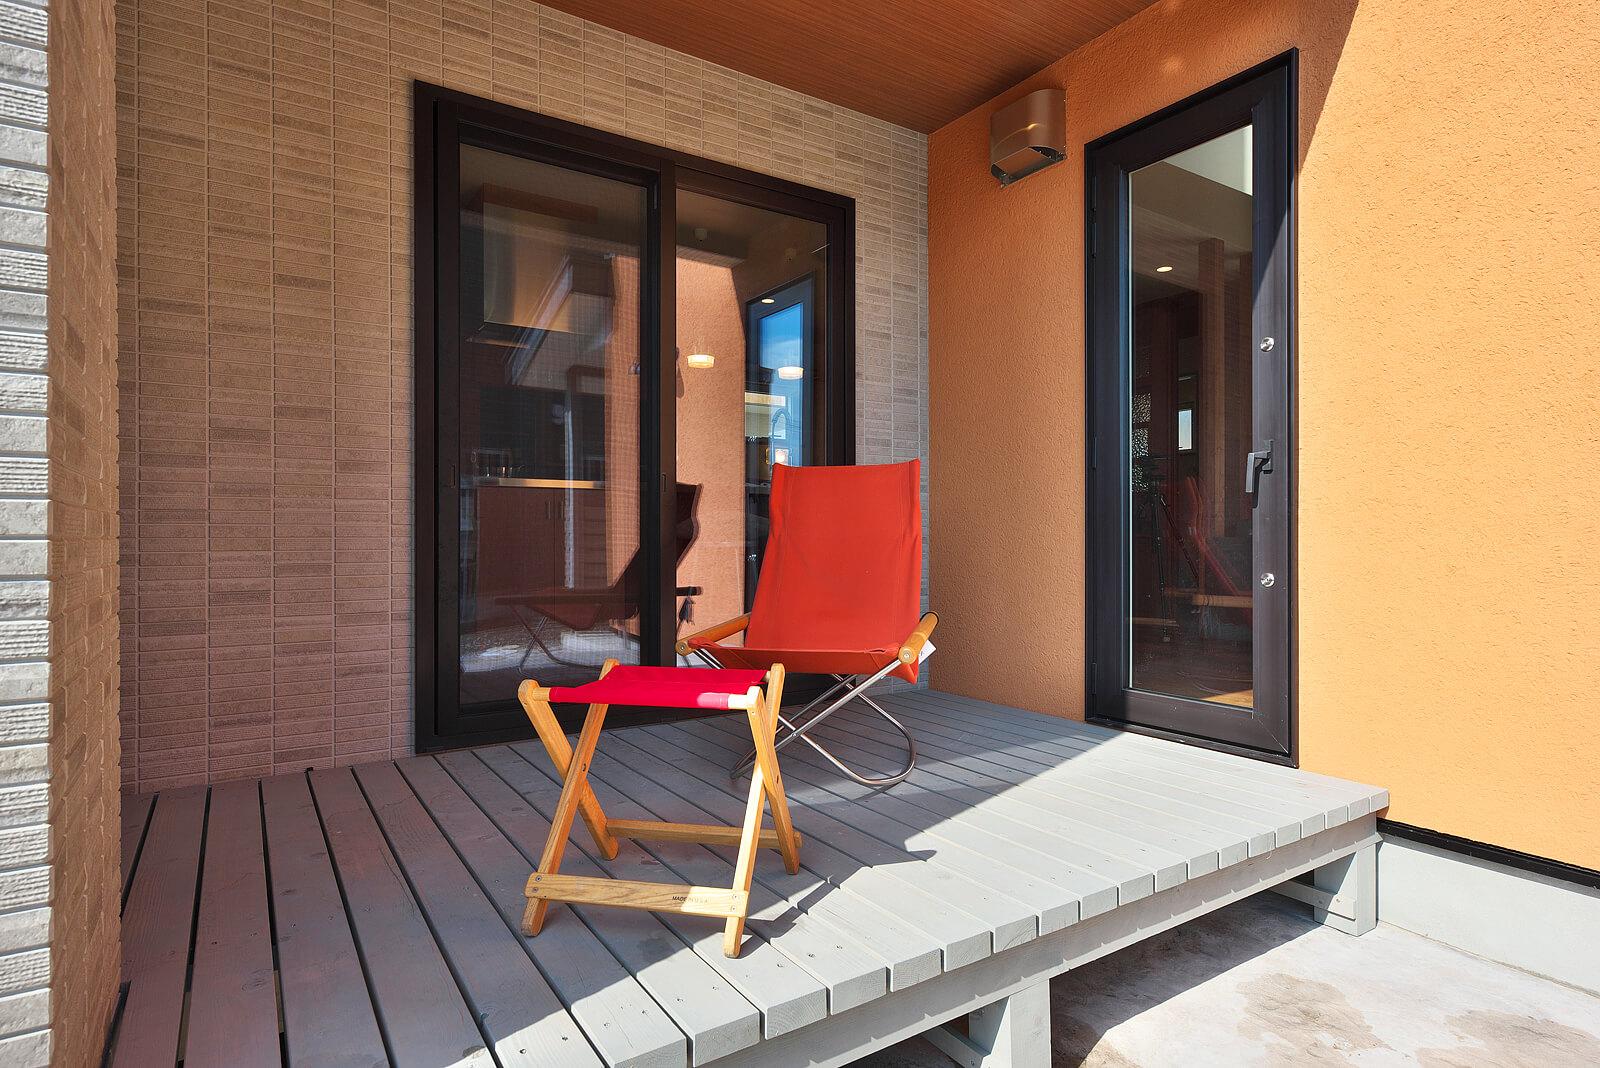 コの字型に囲まれたウッドデッキは室内3方向からの出入りが可能